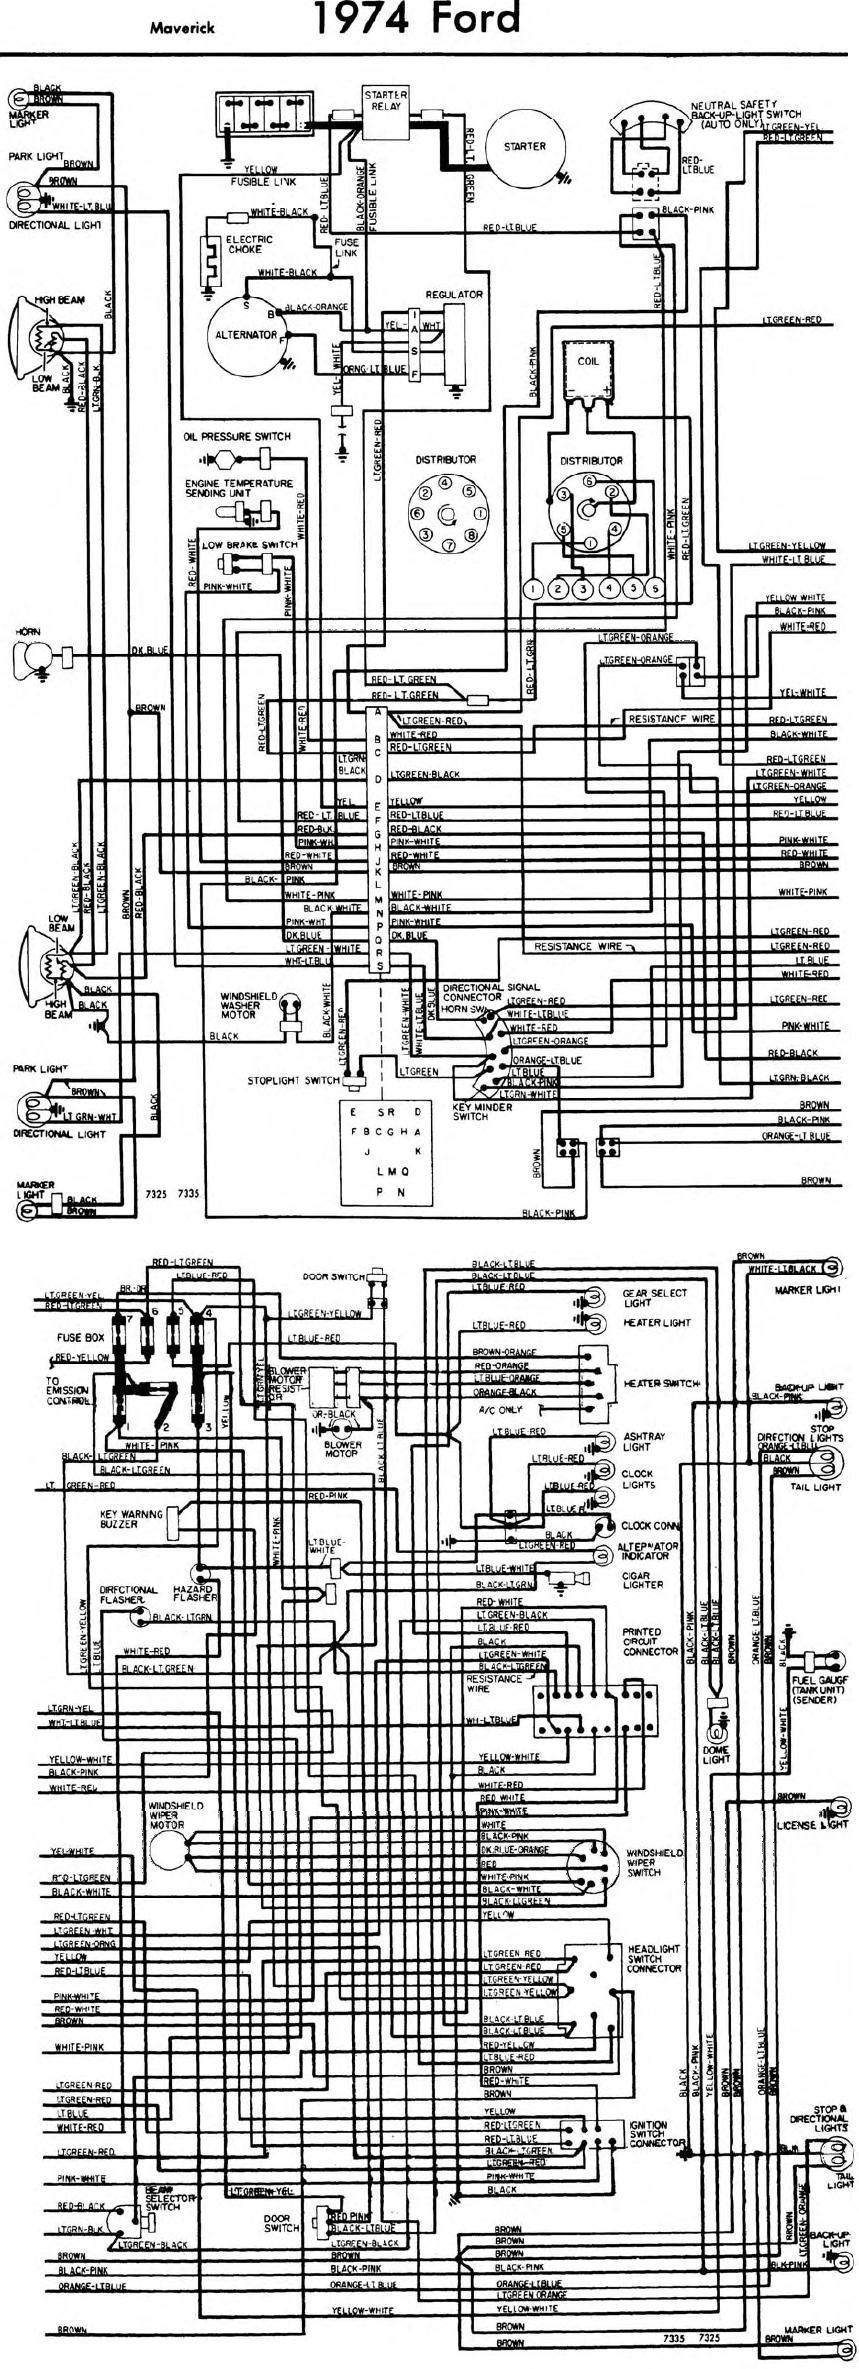 ford maverick starter wiring wiring diagram third level 1979 ford 302 distributor wiring diagram 1977 ford maverick wiring diagram [ 859 x 2369 Pixel ]